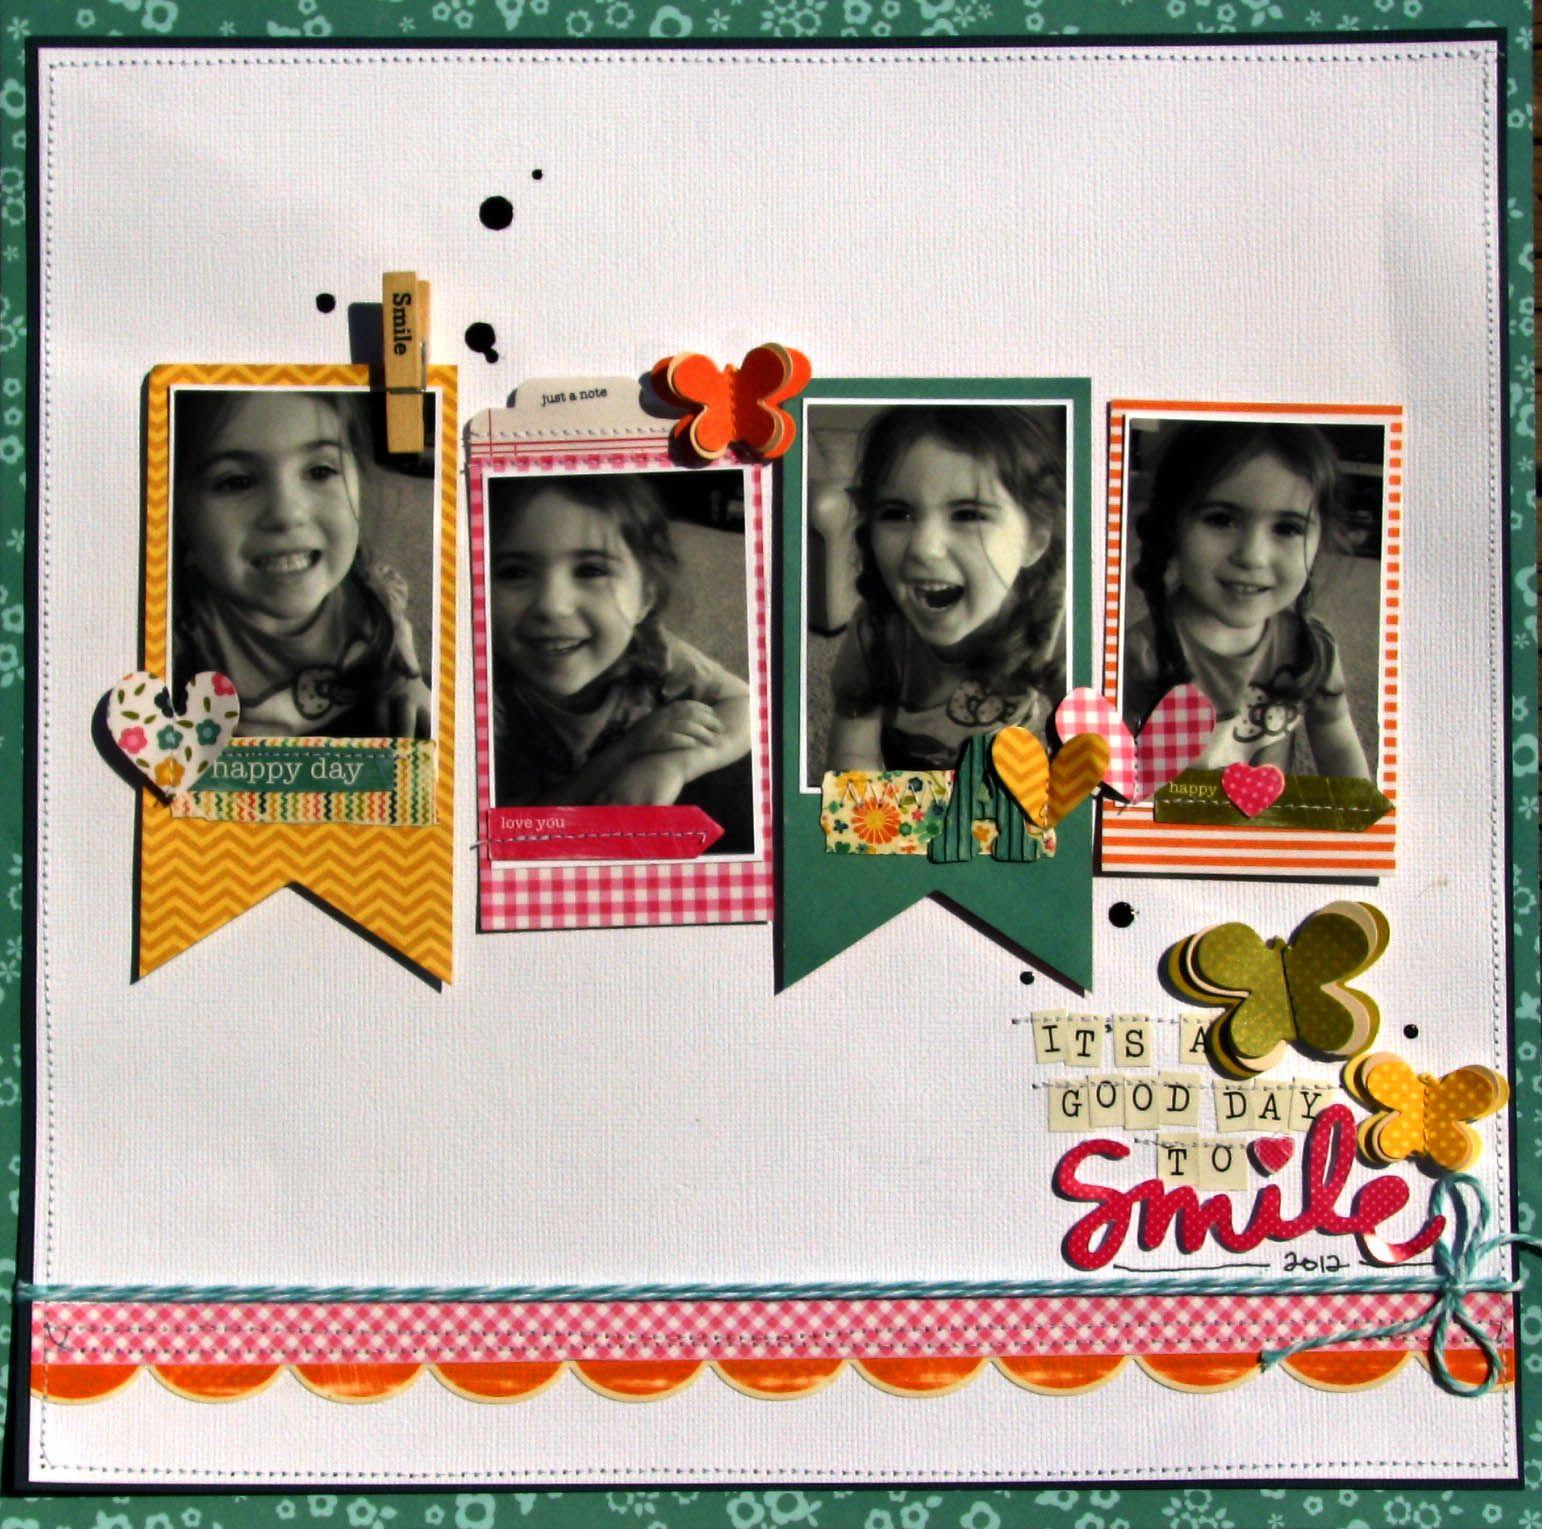 Smile.jpg 1 542 × 1 529 pixels